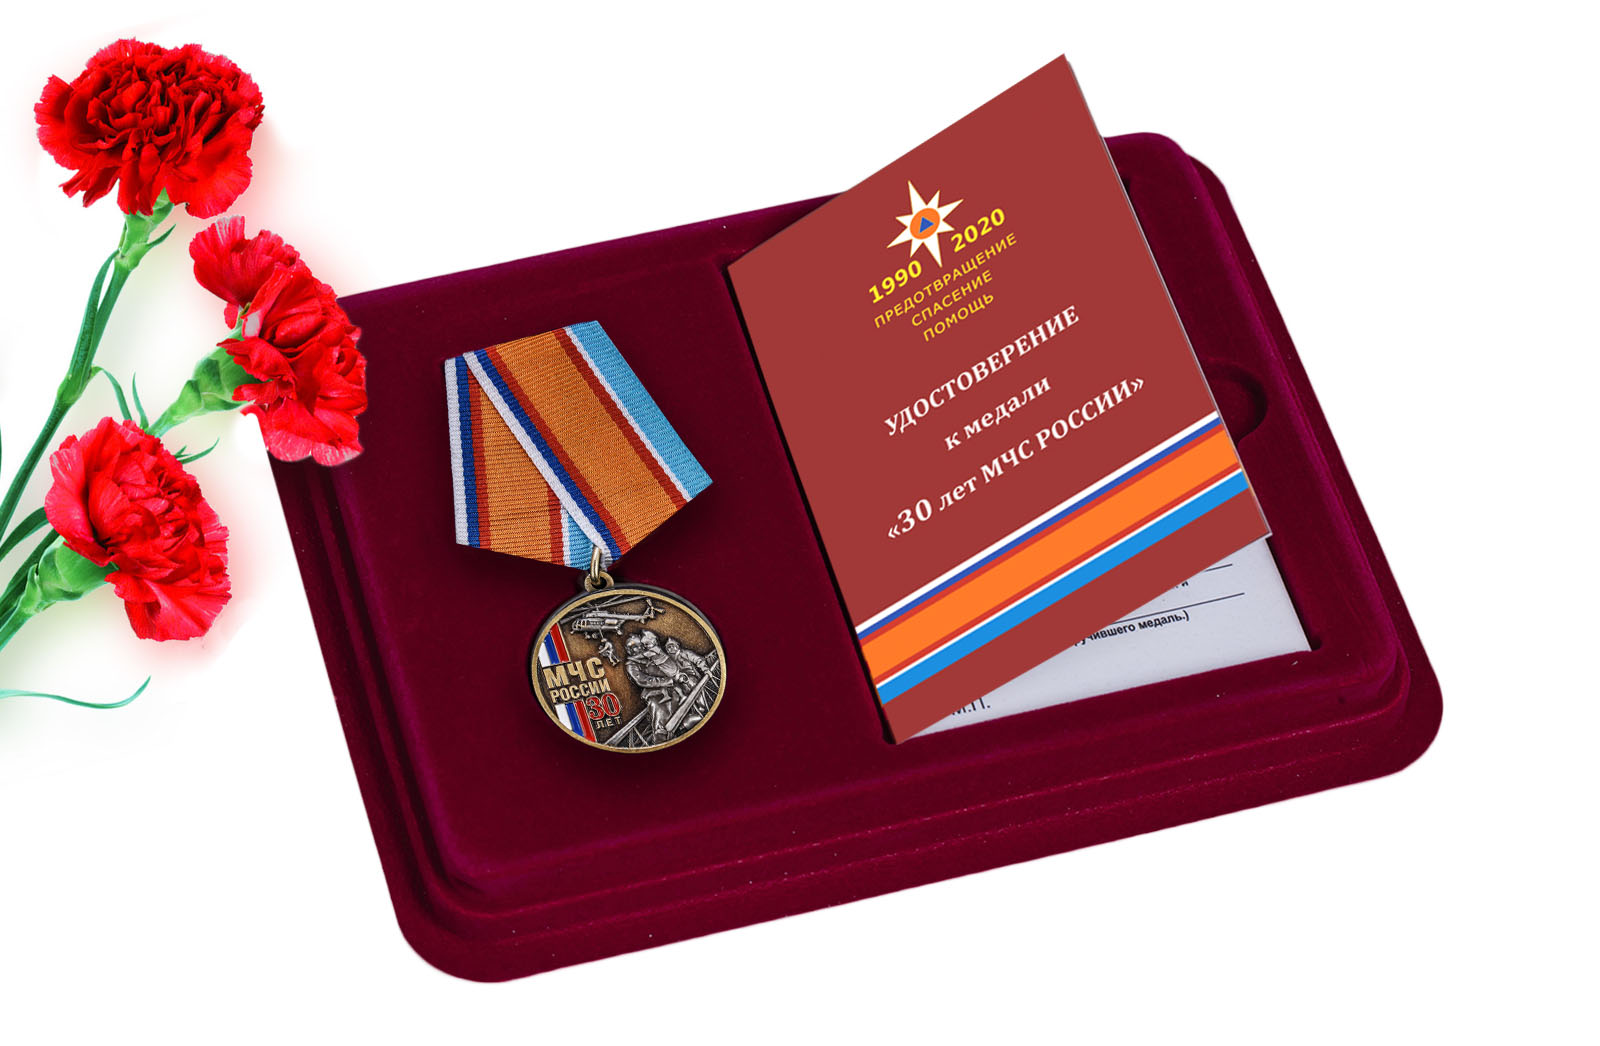 Купить медаль 30 лет МЧС России онлайн  выгодно